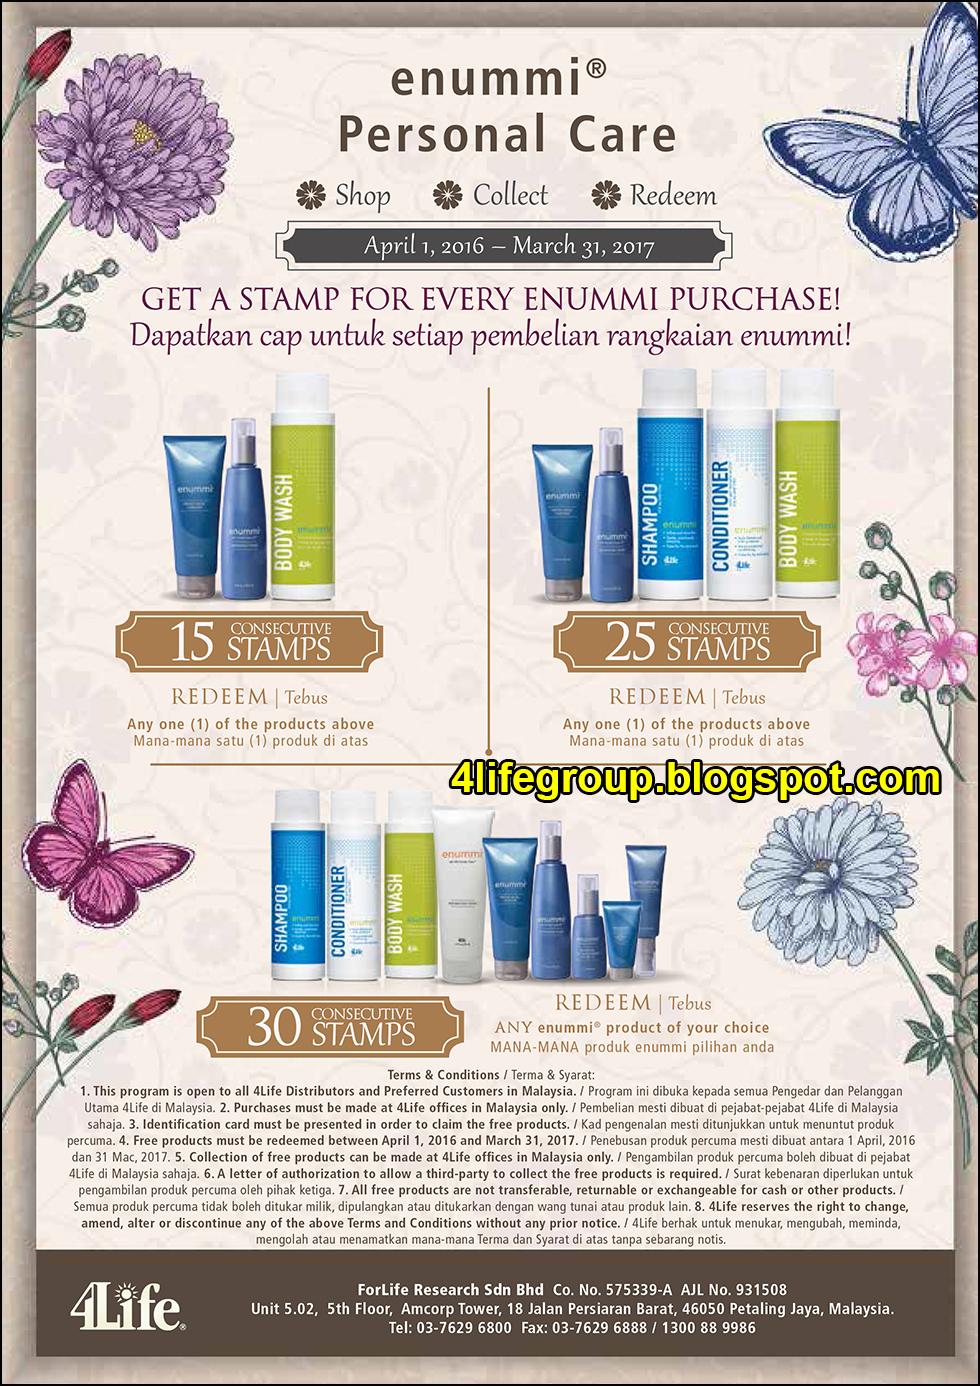 foto enummi® Personal Care 4Life Malaysia